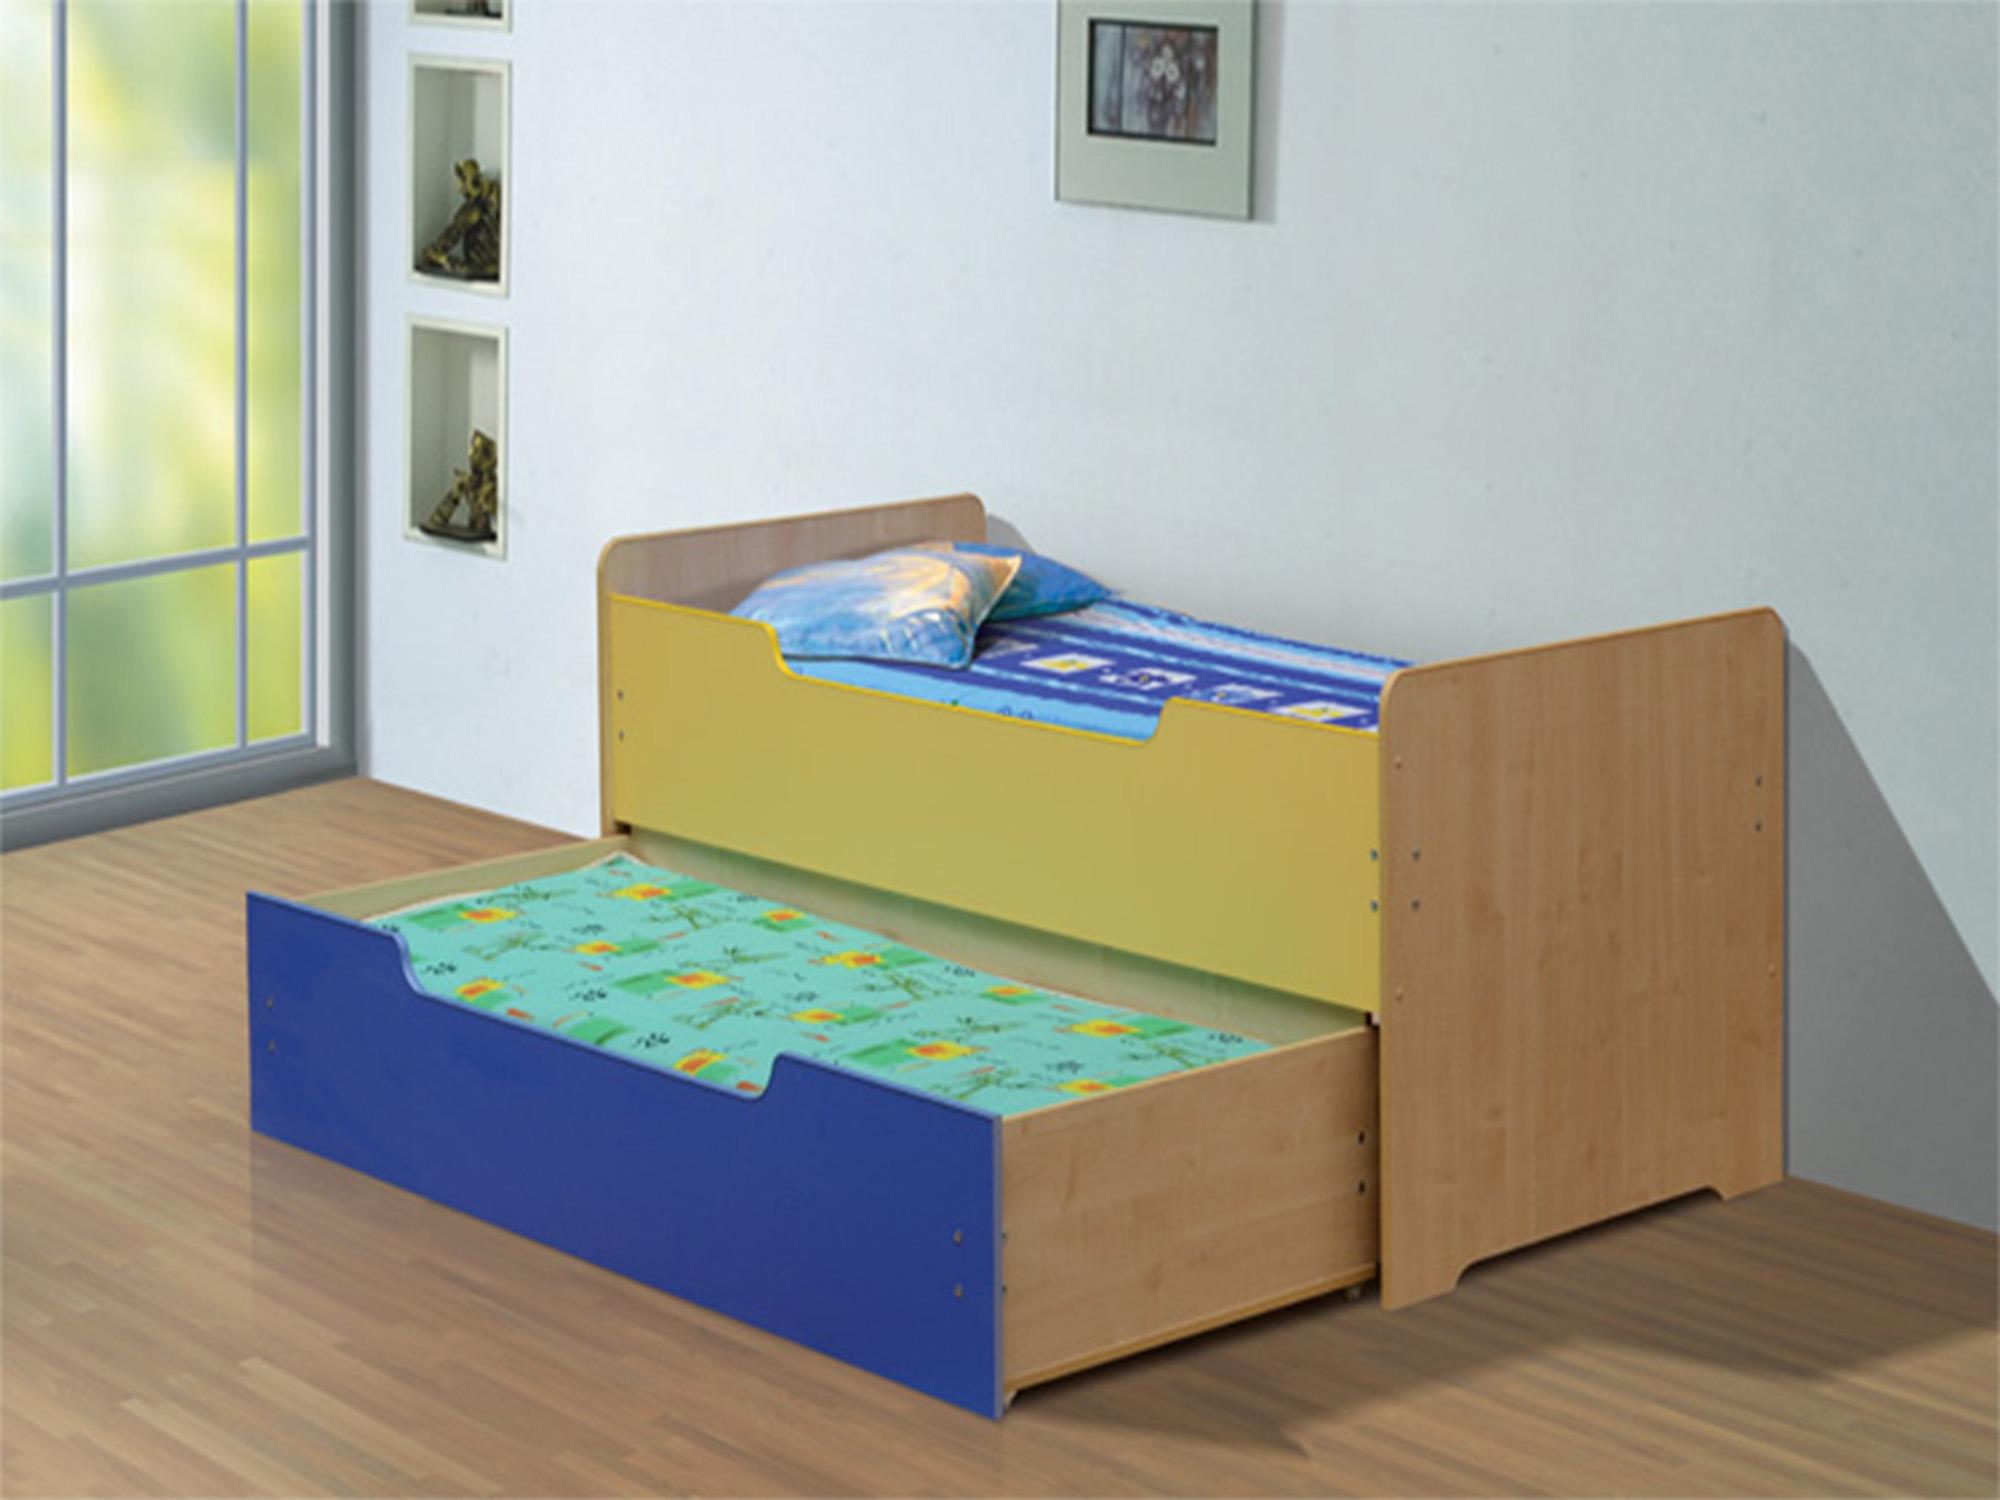 Кровать выдвижная-1Детские кровати<br><br><br>Длина мм: 970<br>Высота мм: 900<br>Глубина мм: 2040